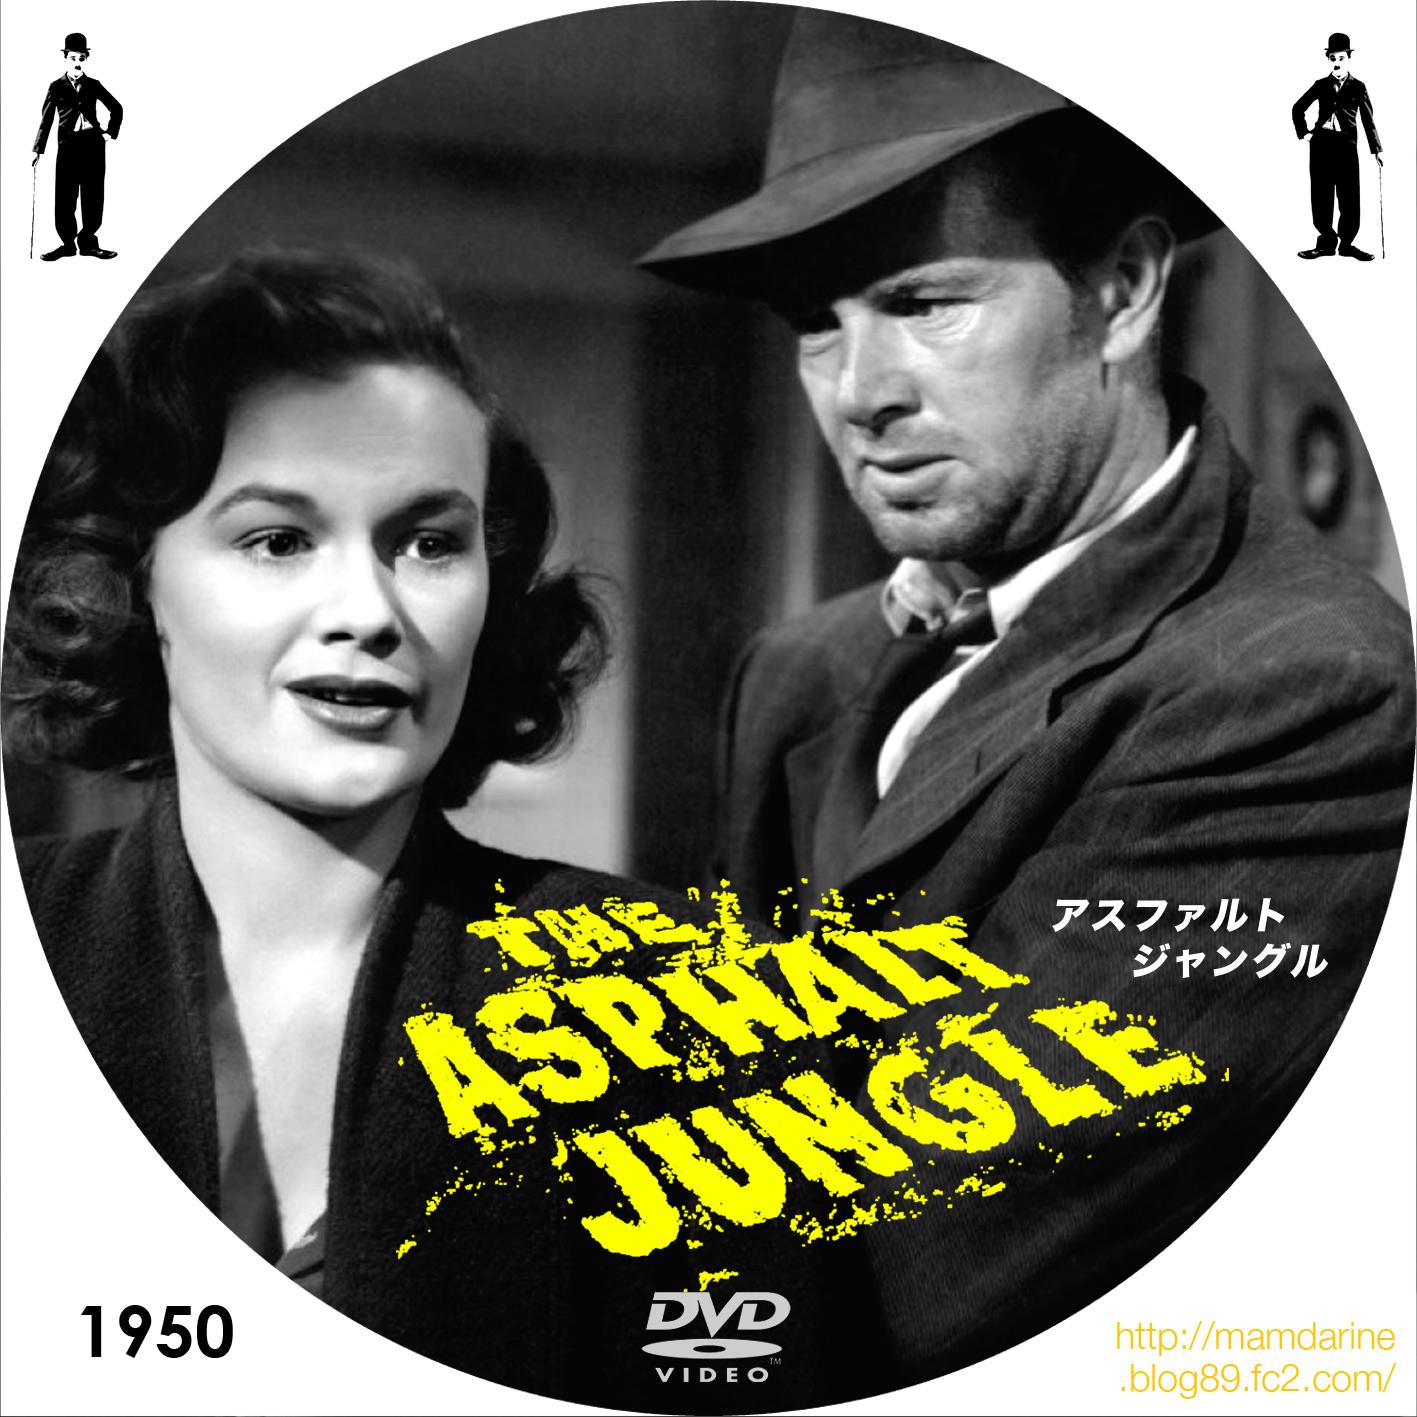 アスファルト・ジャングル」 The Asphalt Jungle(1950) - 美しき ...